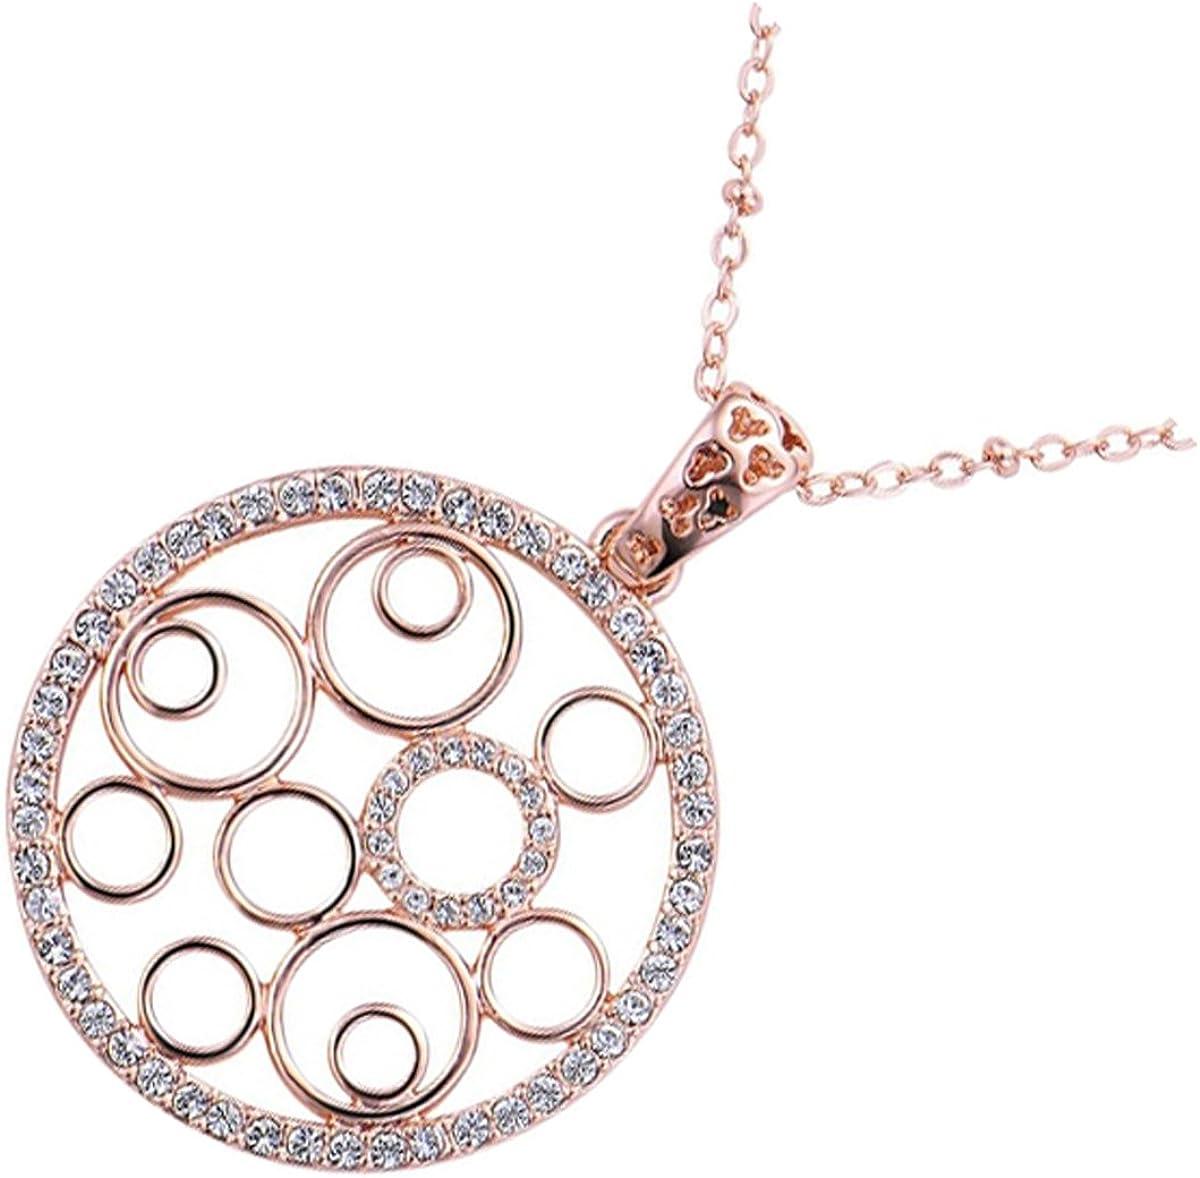 UPCO Jewellery Collar con Pendiente Circular, Embellecido con Múltiples Piezas de Cristal Austríaco, de 37 x 50 MM Bañado en Oro Rosado 18K